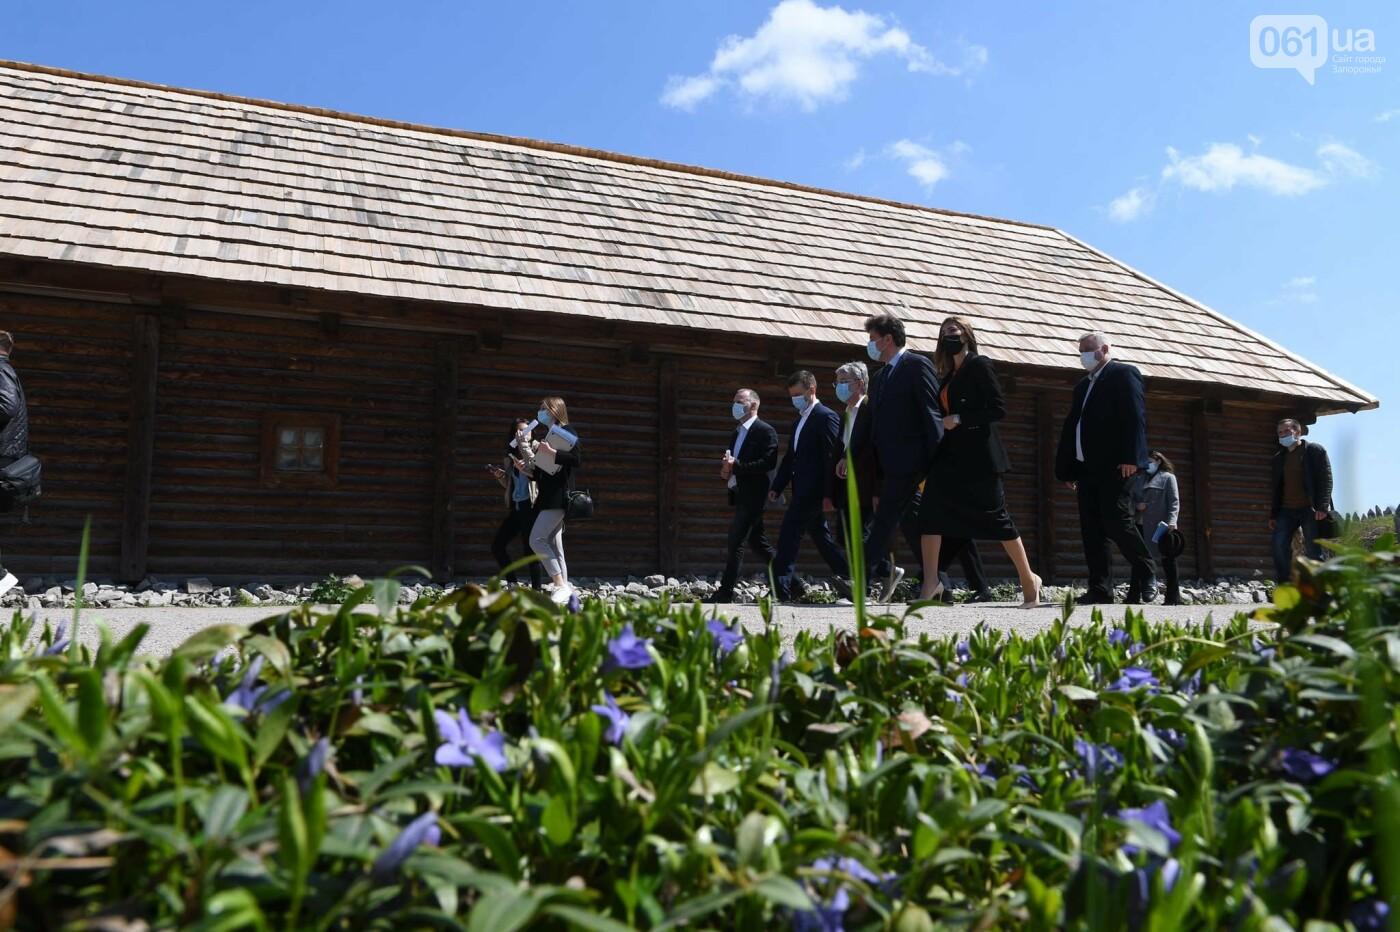 Министр культуры назвал сроки реконструкции кургана на Хортице - как будет выглядеть объект, - ФОТО, фото-11